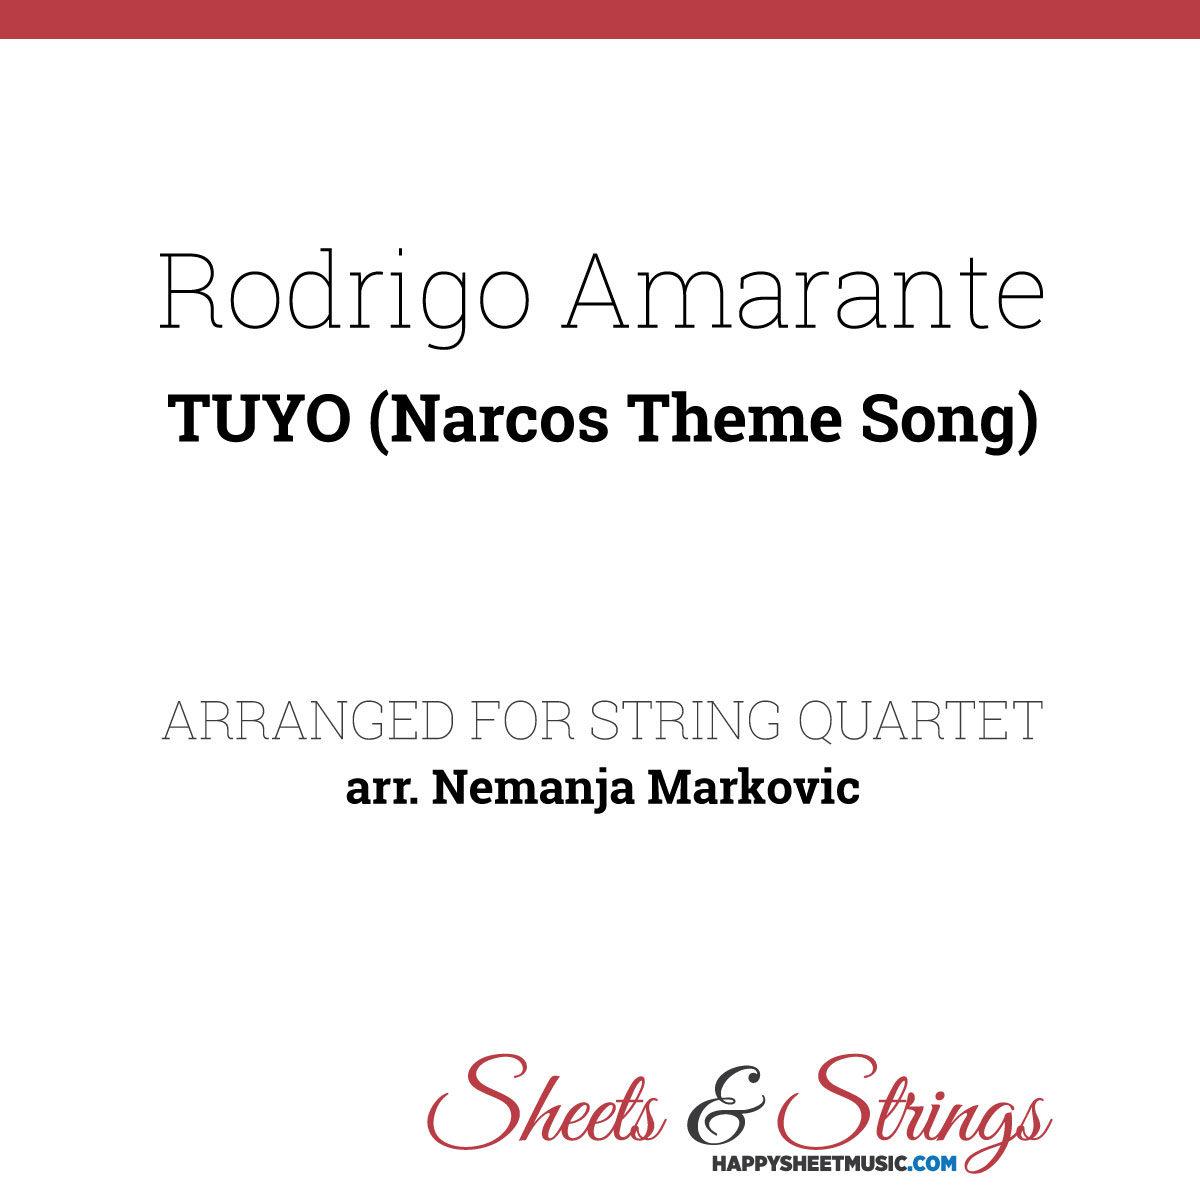 Rodrigo Amarante - Tuyo (Narcos Theme Song) Sheet Music for String Quartet - Music Arrangement for String Quartet